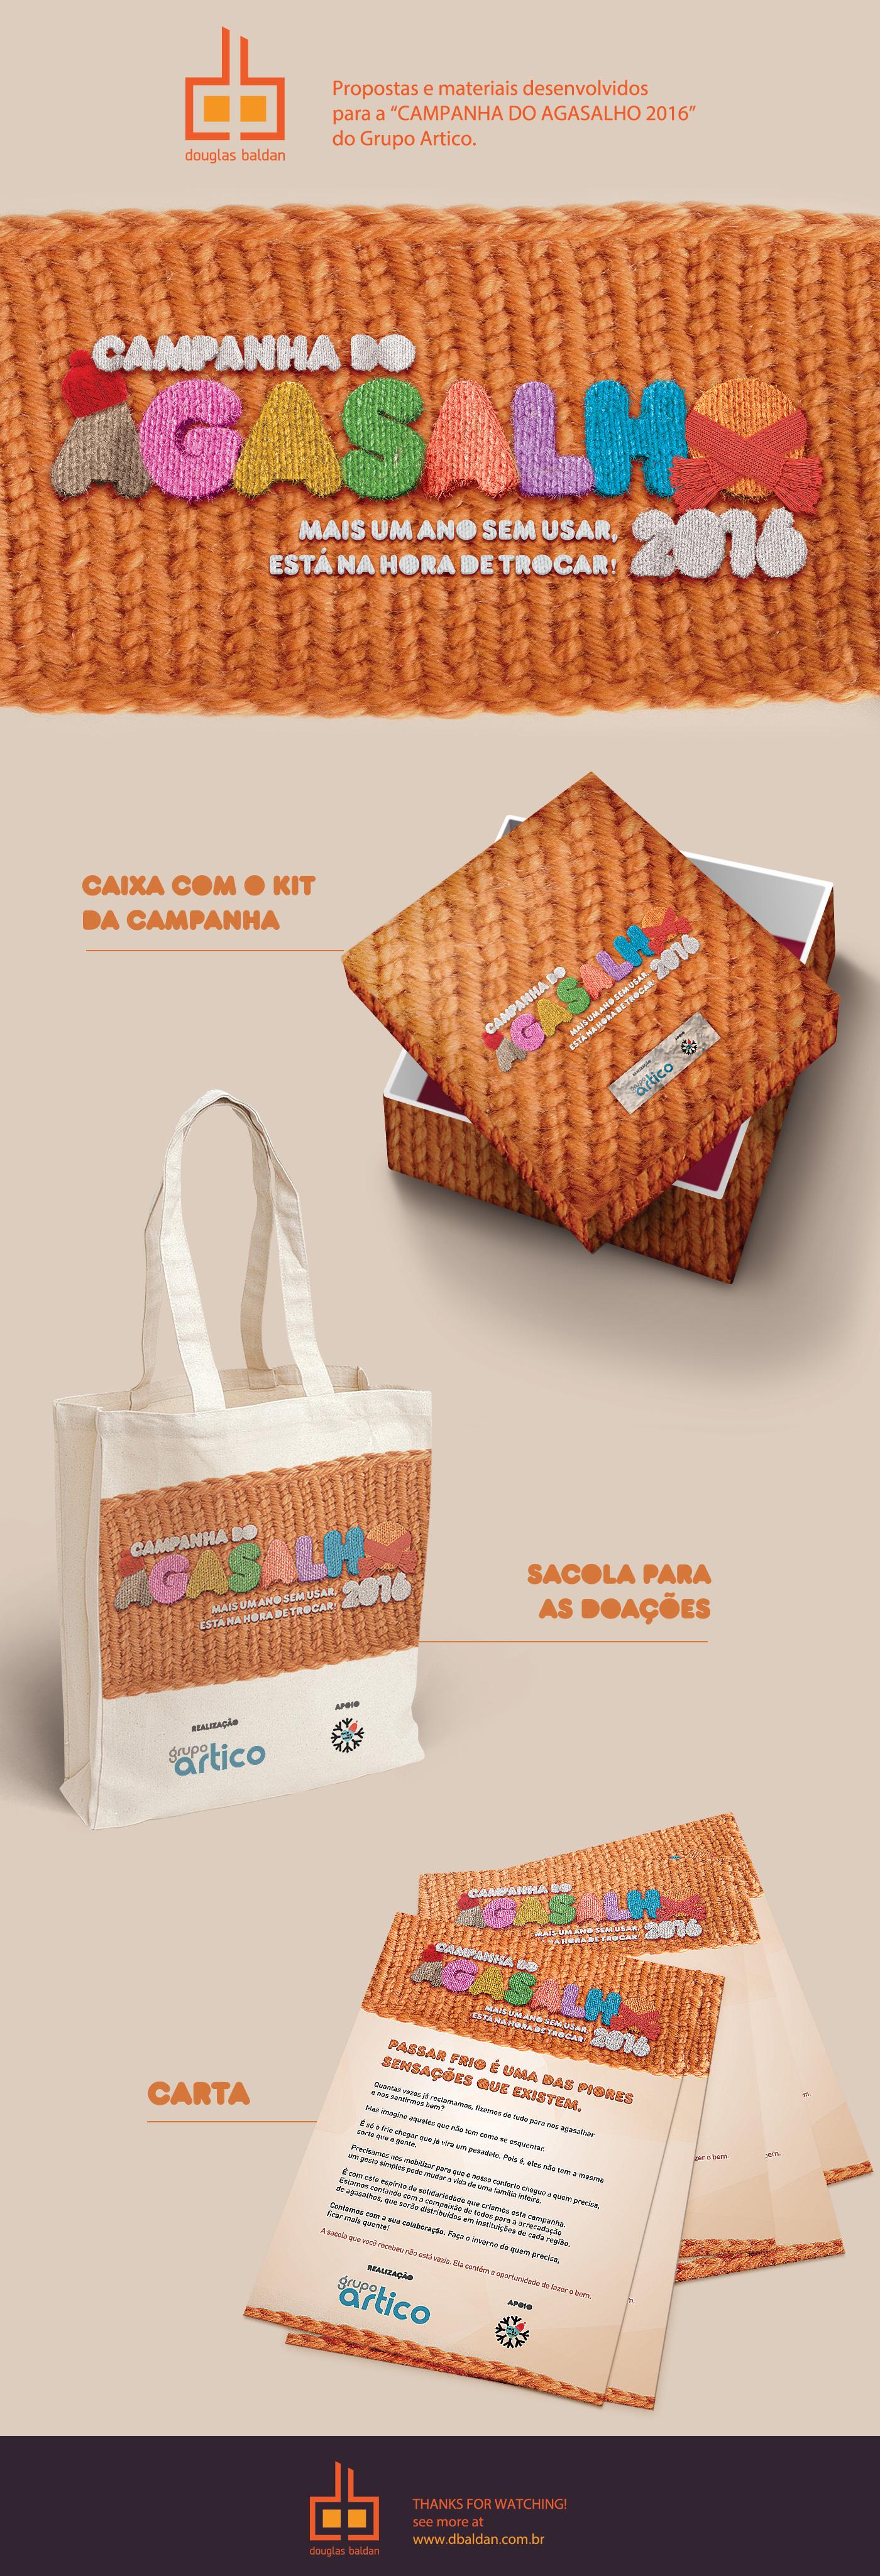 campanha-agasalho-artico